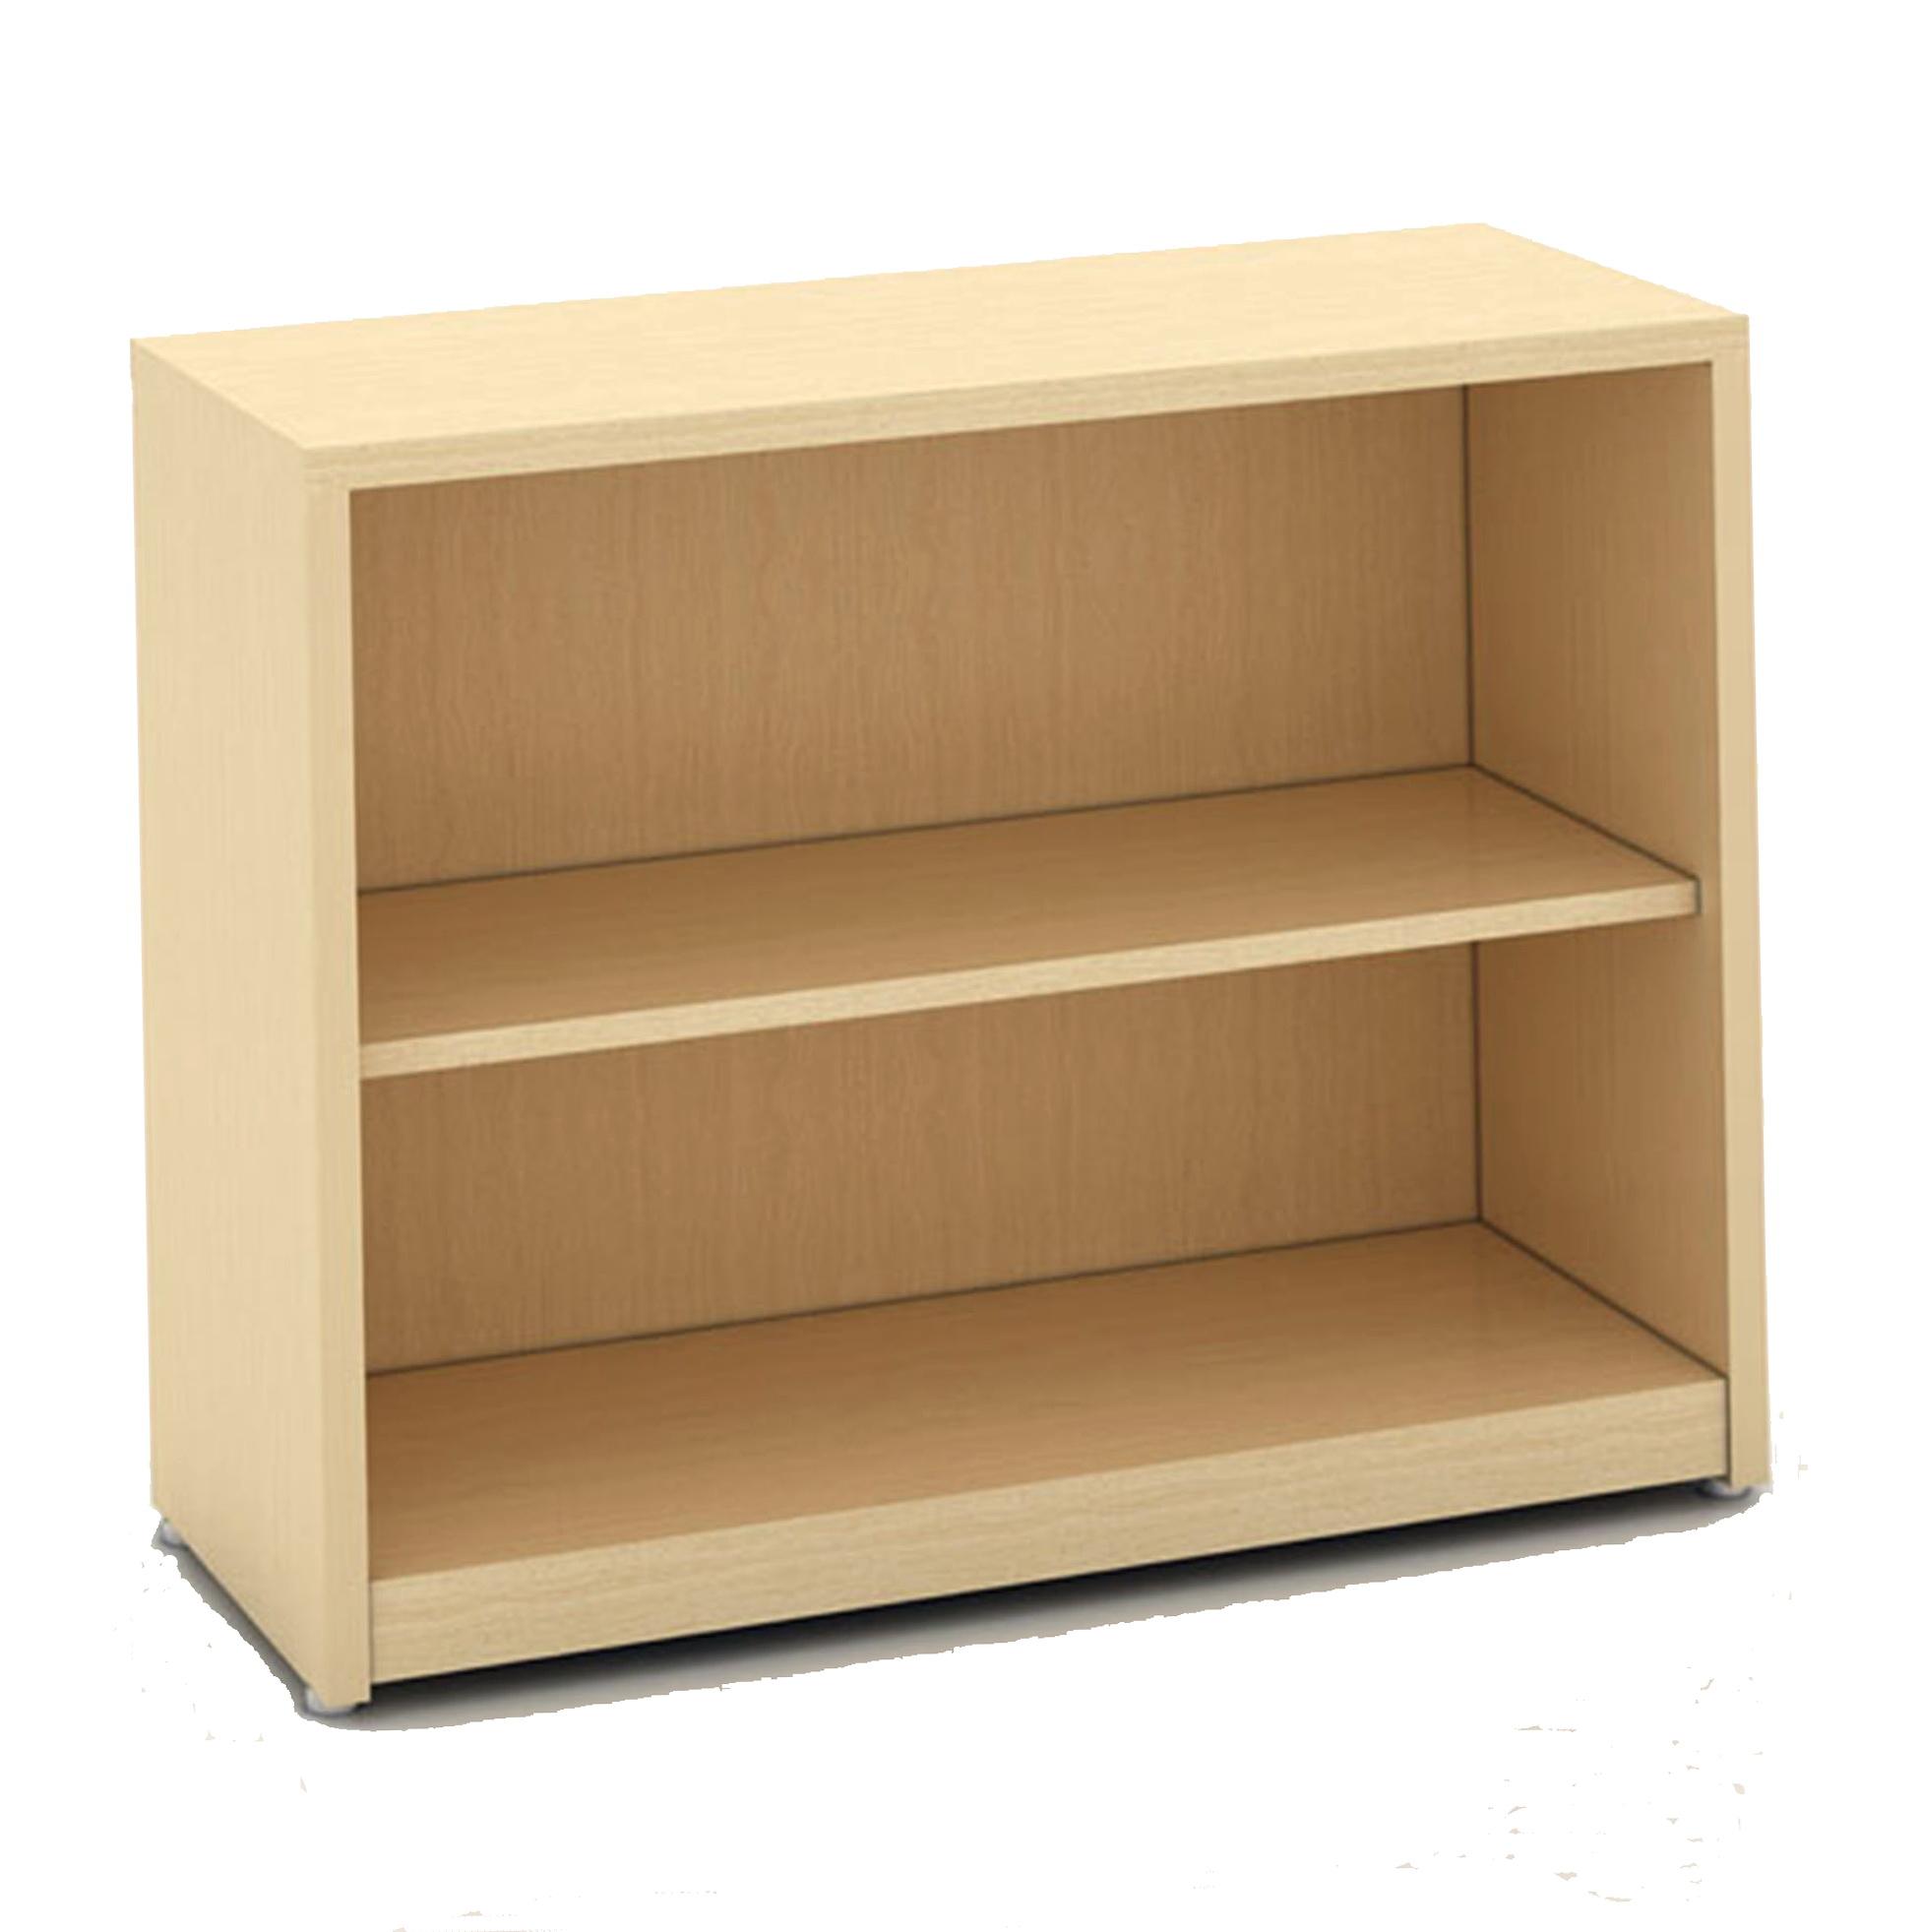 Ikea 2 Shelf Bookcase